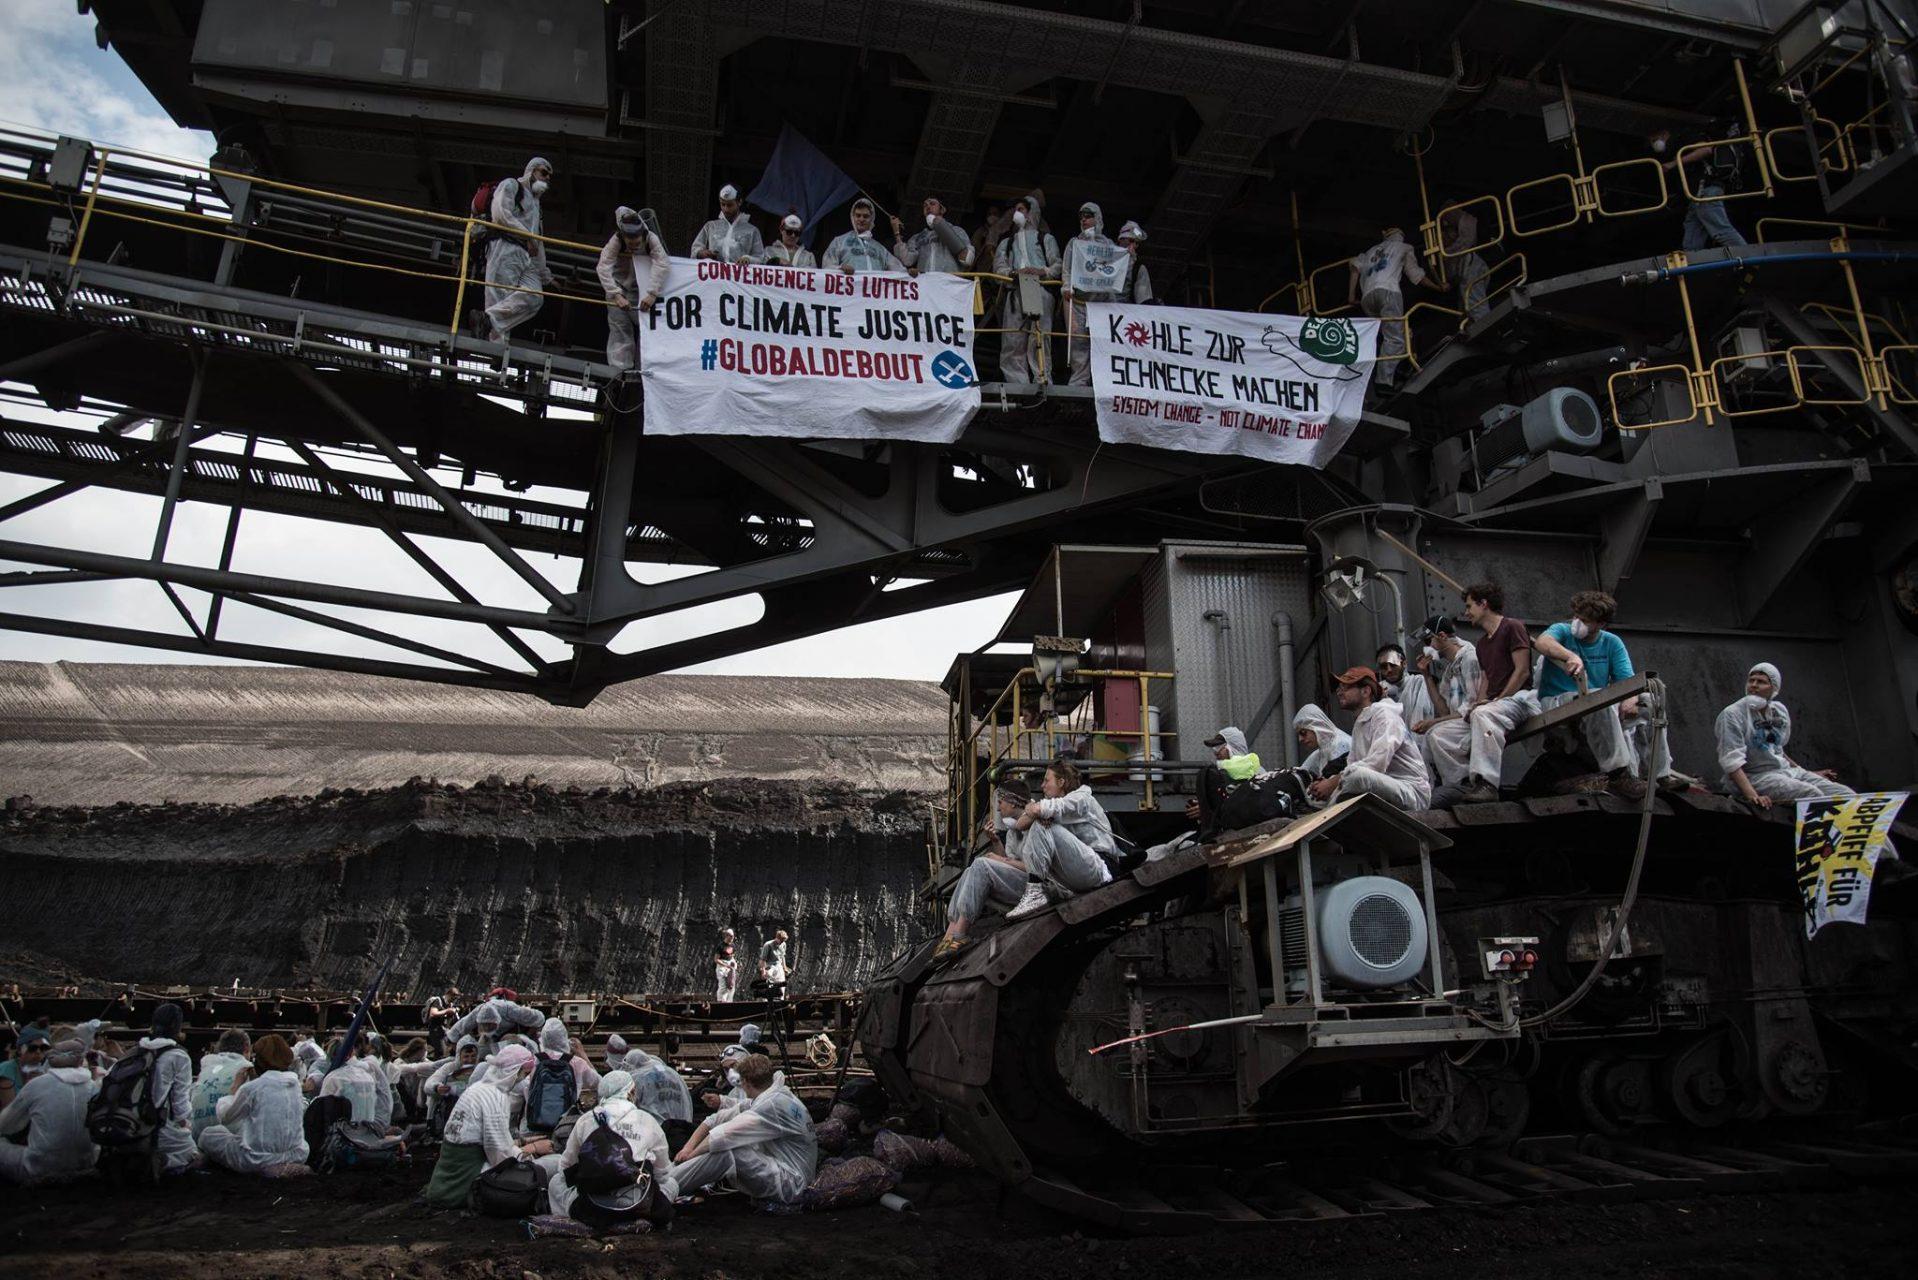 Ende Gelaende Global Debout